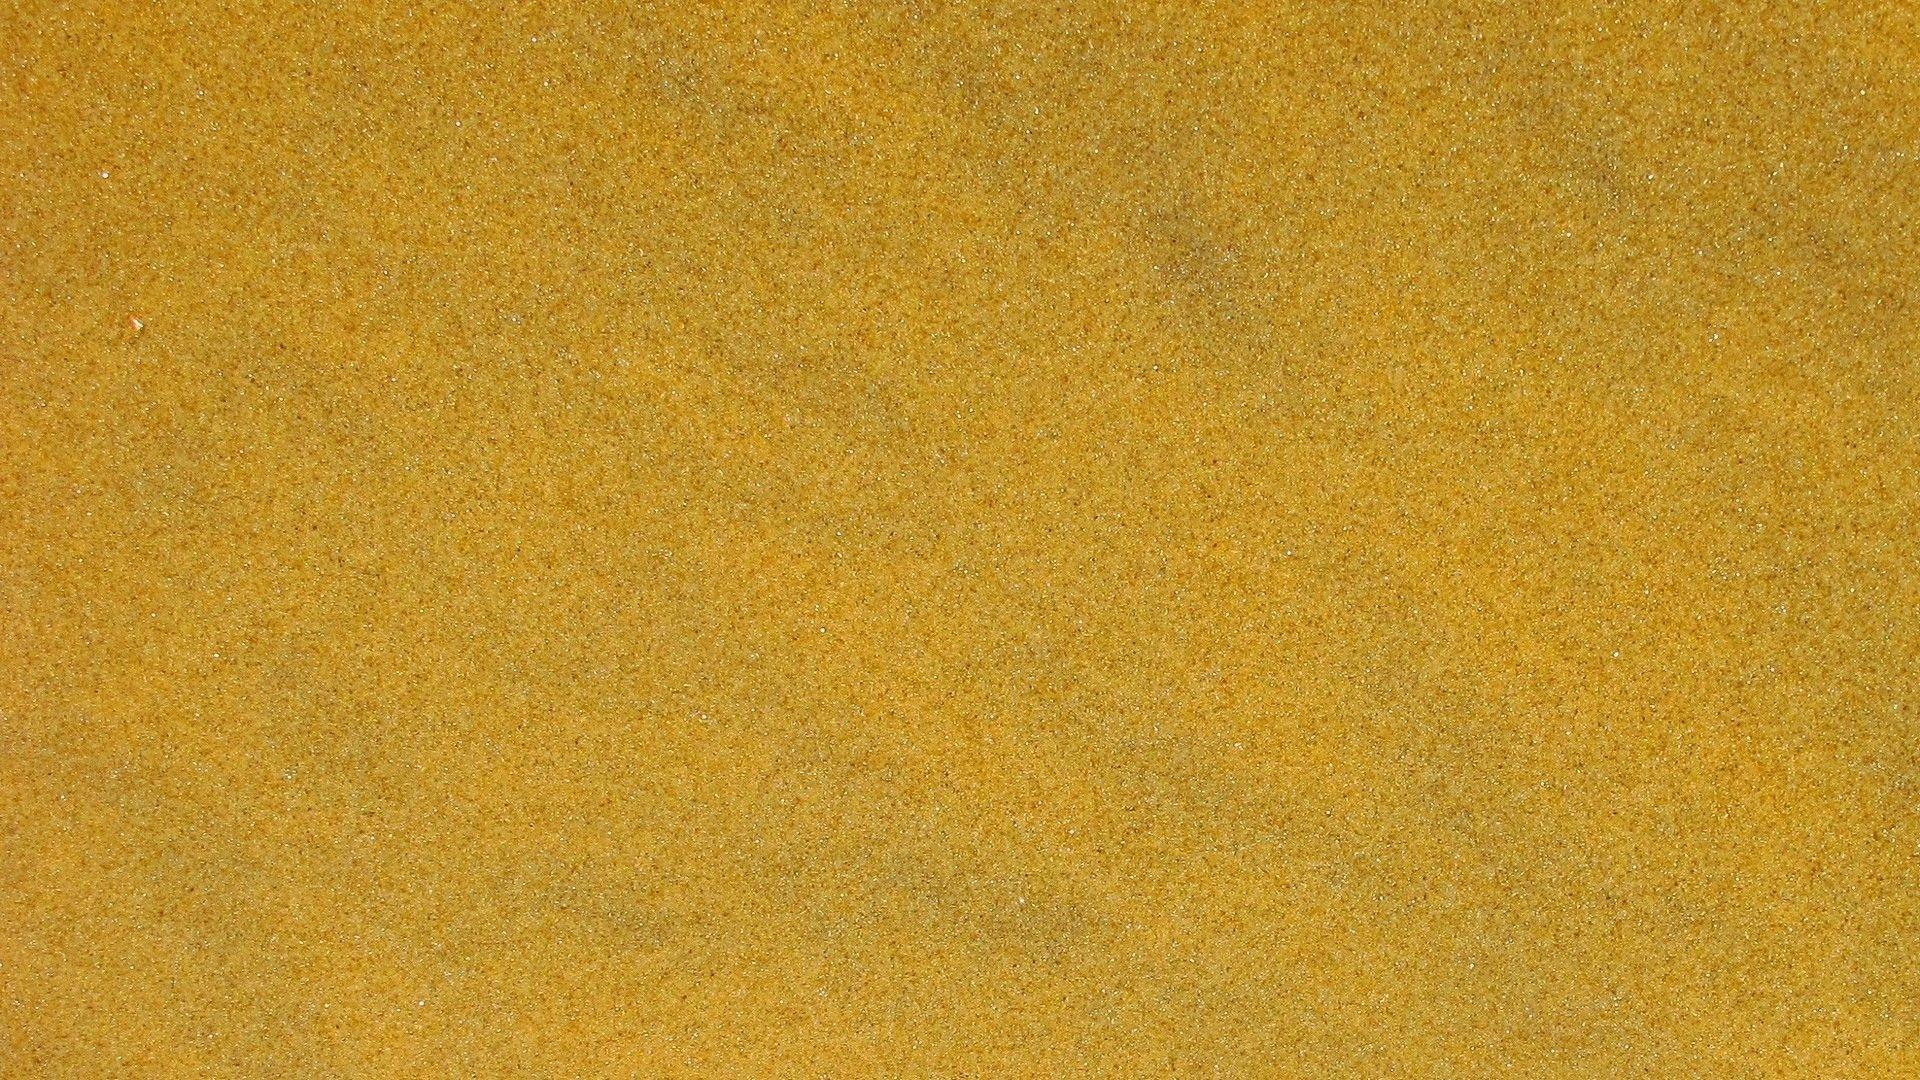 Texture Sand HD Wallpaper